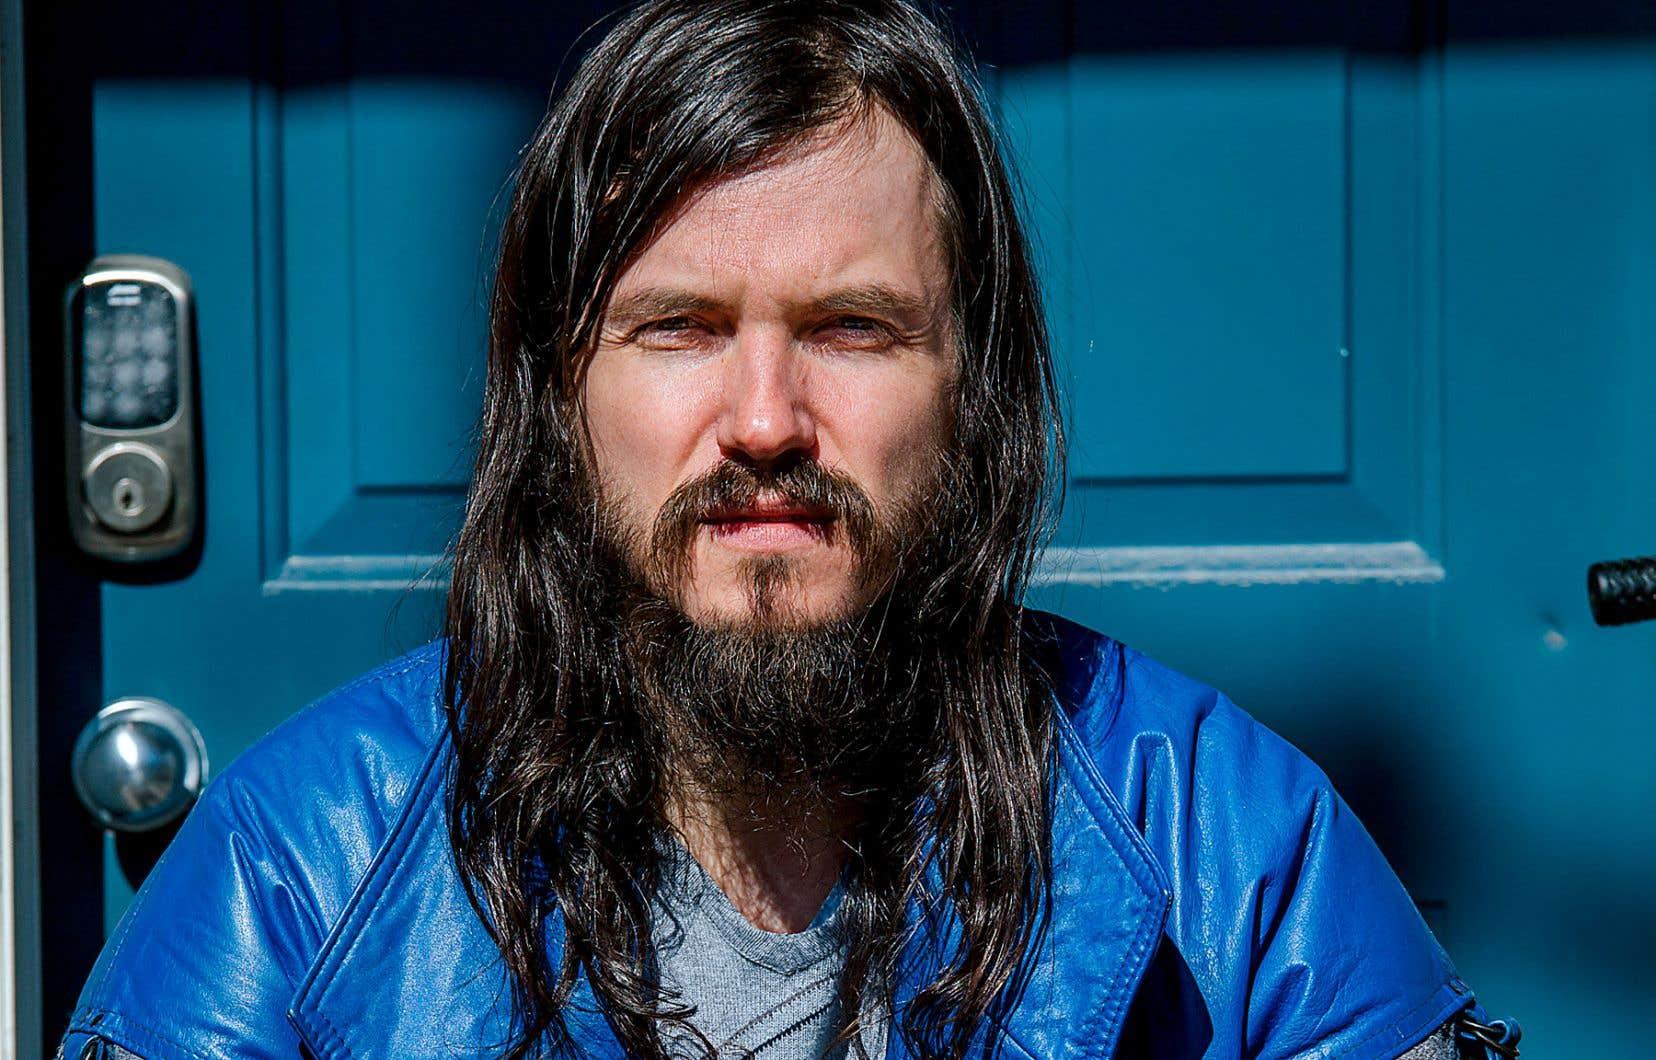 L'auteur-compositeur-interprète Philémon Cimon a lancé sur ses réseaux sociaux un mot-clic pour canaliser le mouvement: #musiquebleue, un clin d'œil au «Panier bleu» mis sur pied par Québec.